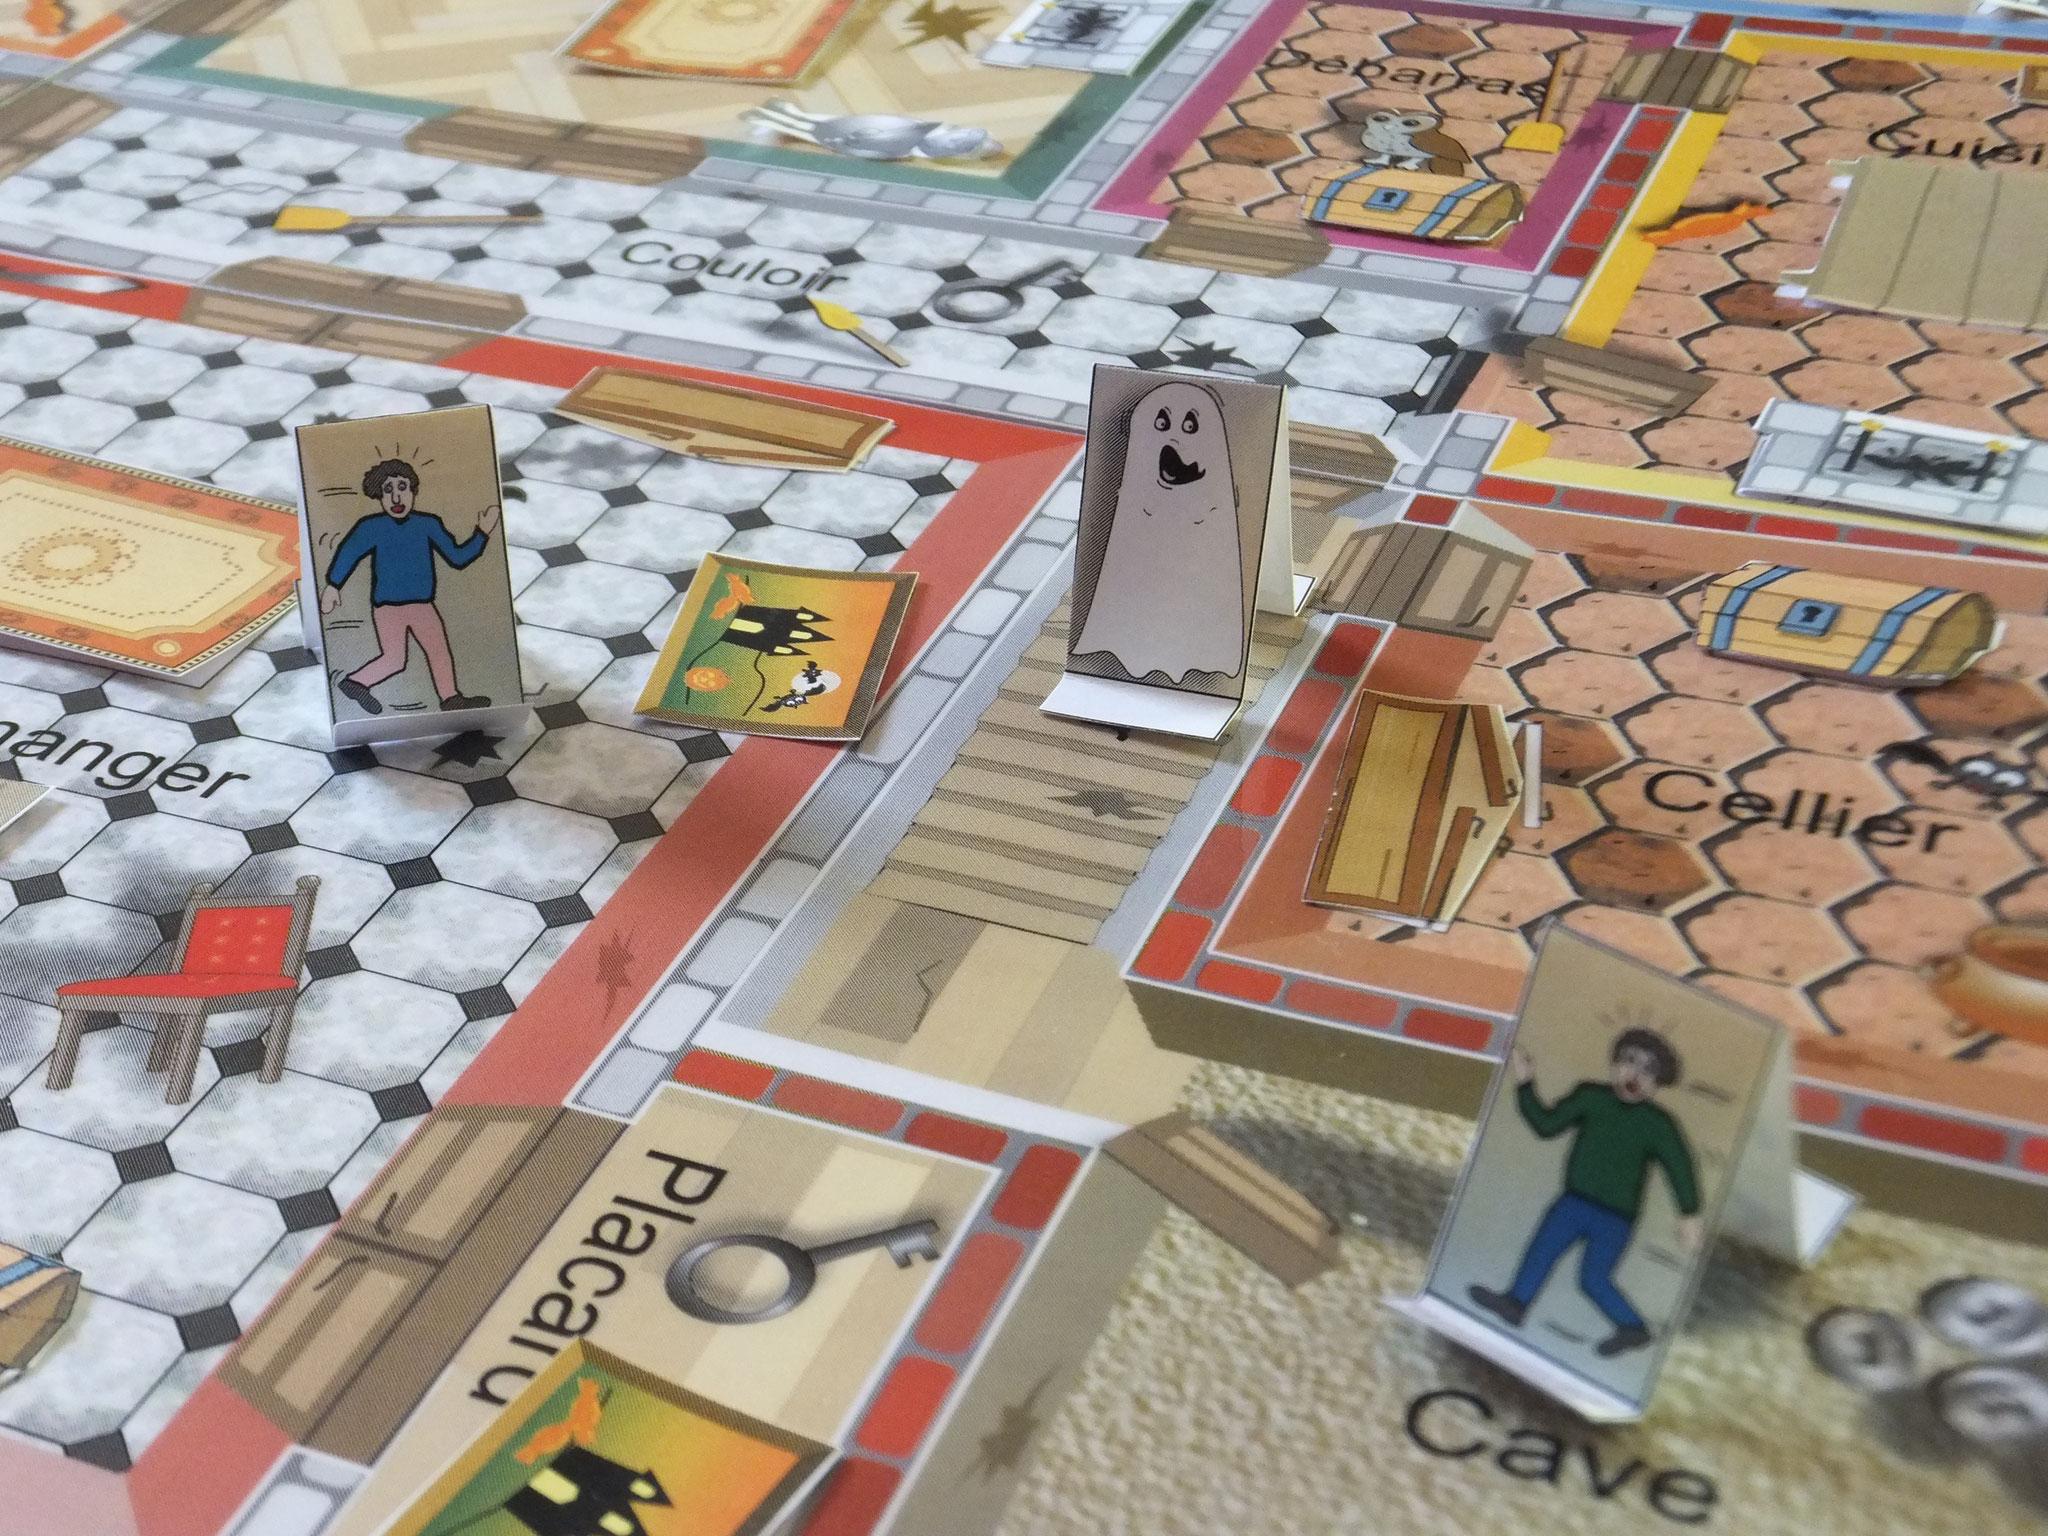 Jeux A Imprimer Pour Enfants, Famille, Ludiques, Éducatifs encequiconcerne Jeux Des Différences À Imprimer Pour Adultes